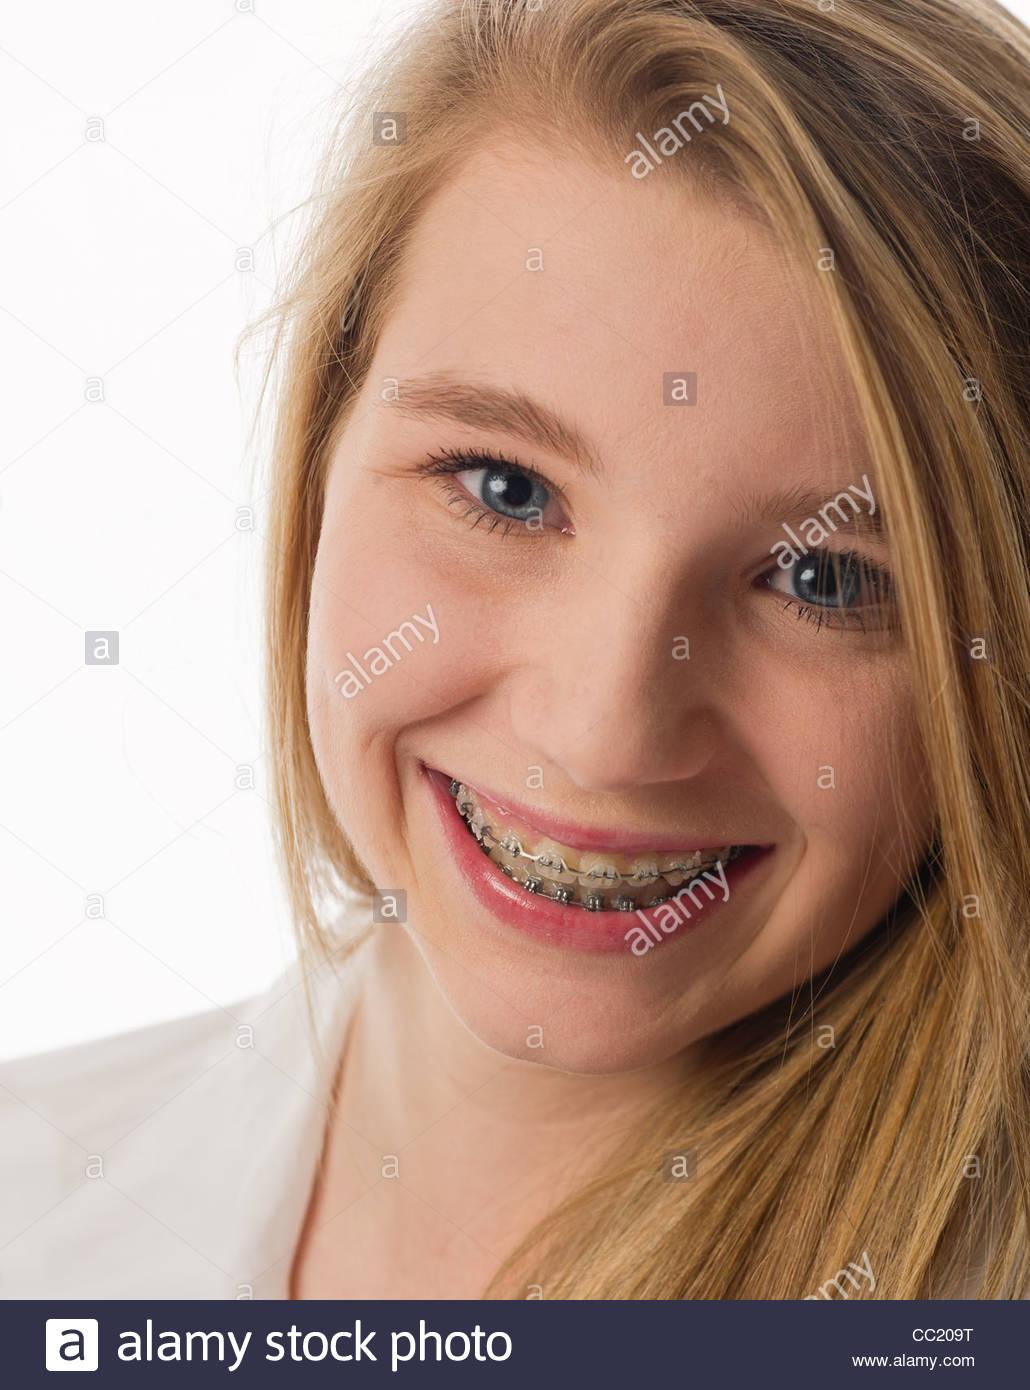 Coño en Adolescentes dientes fotos